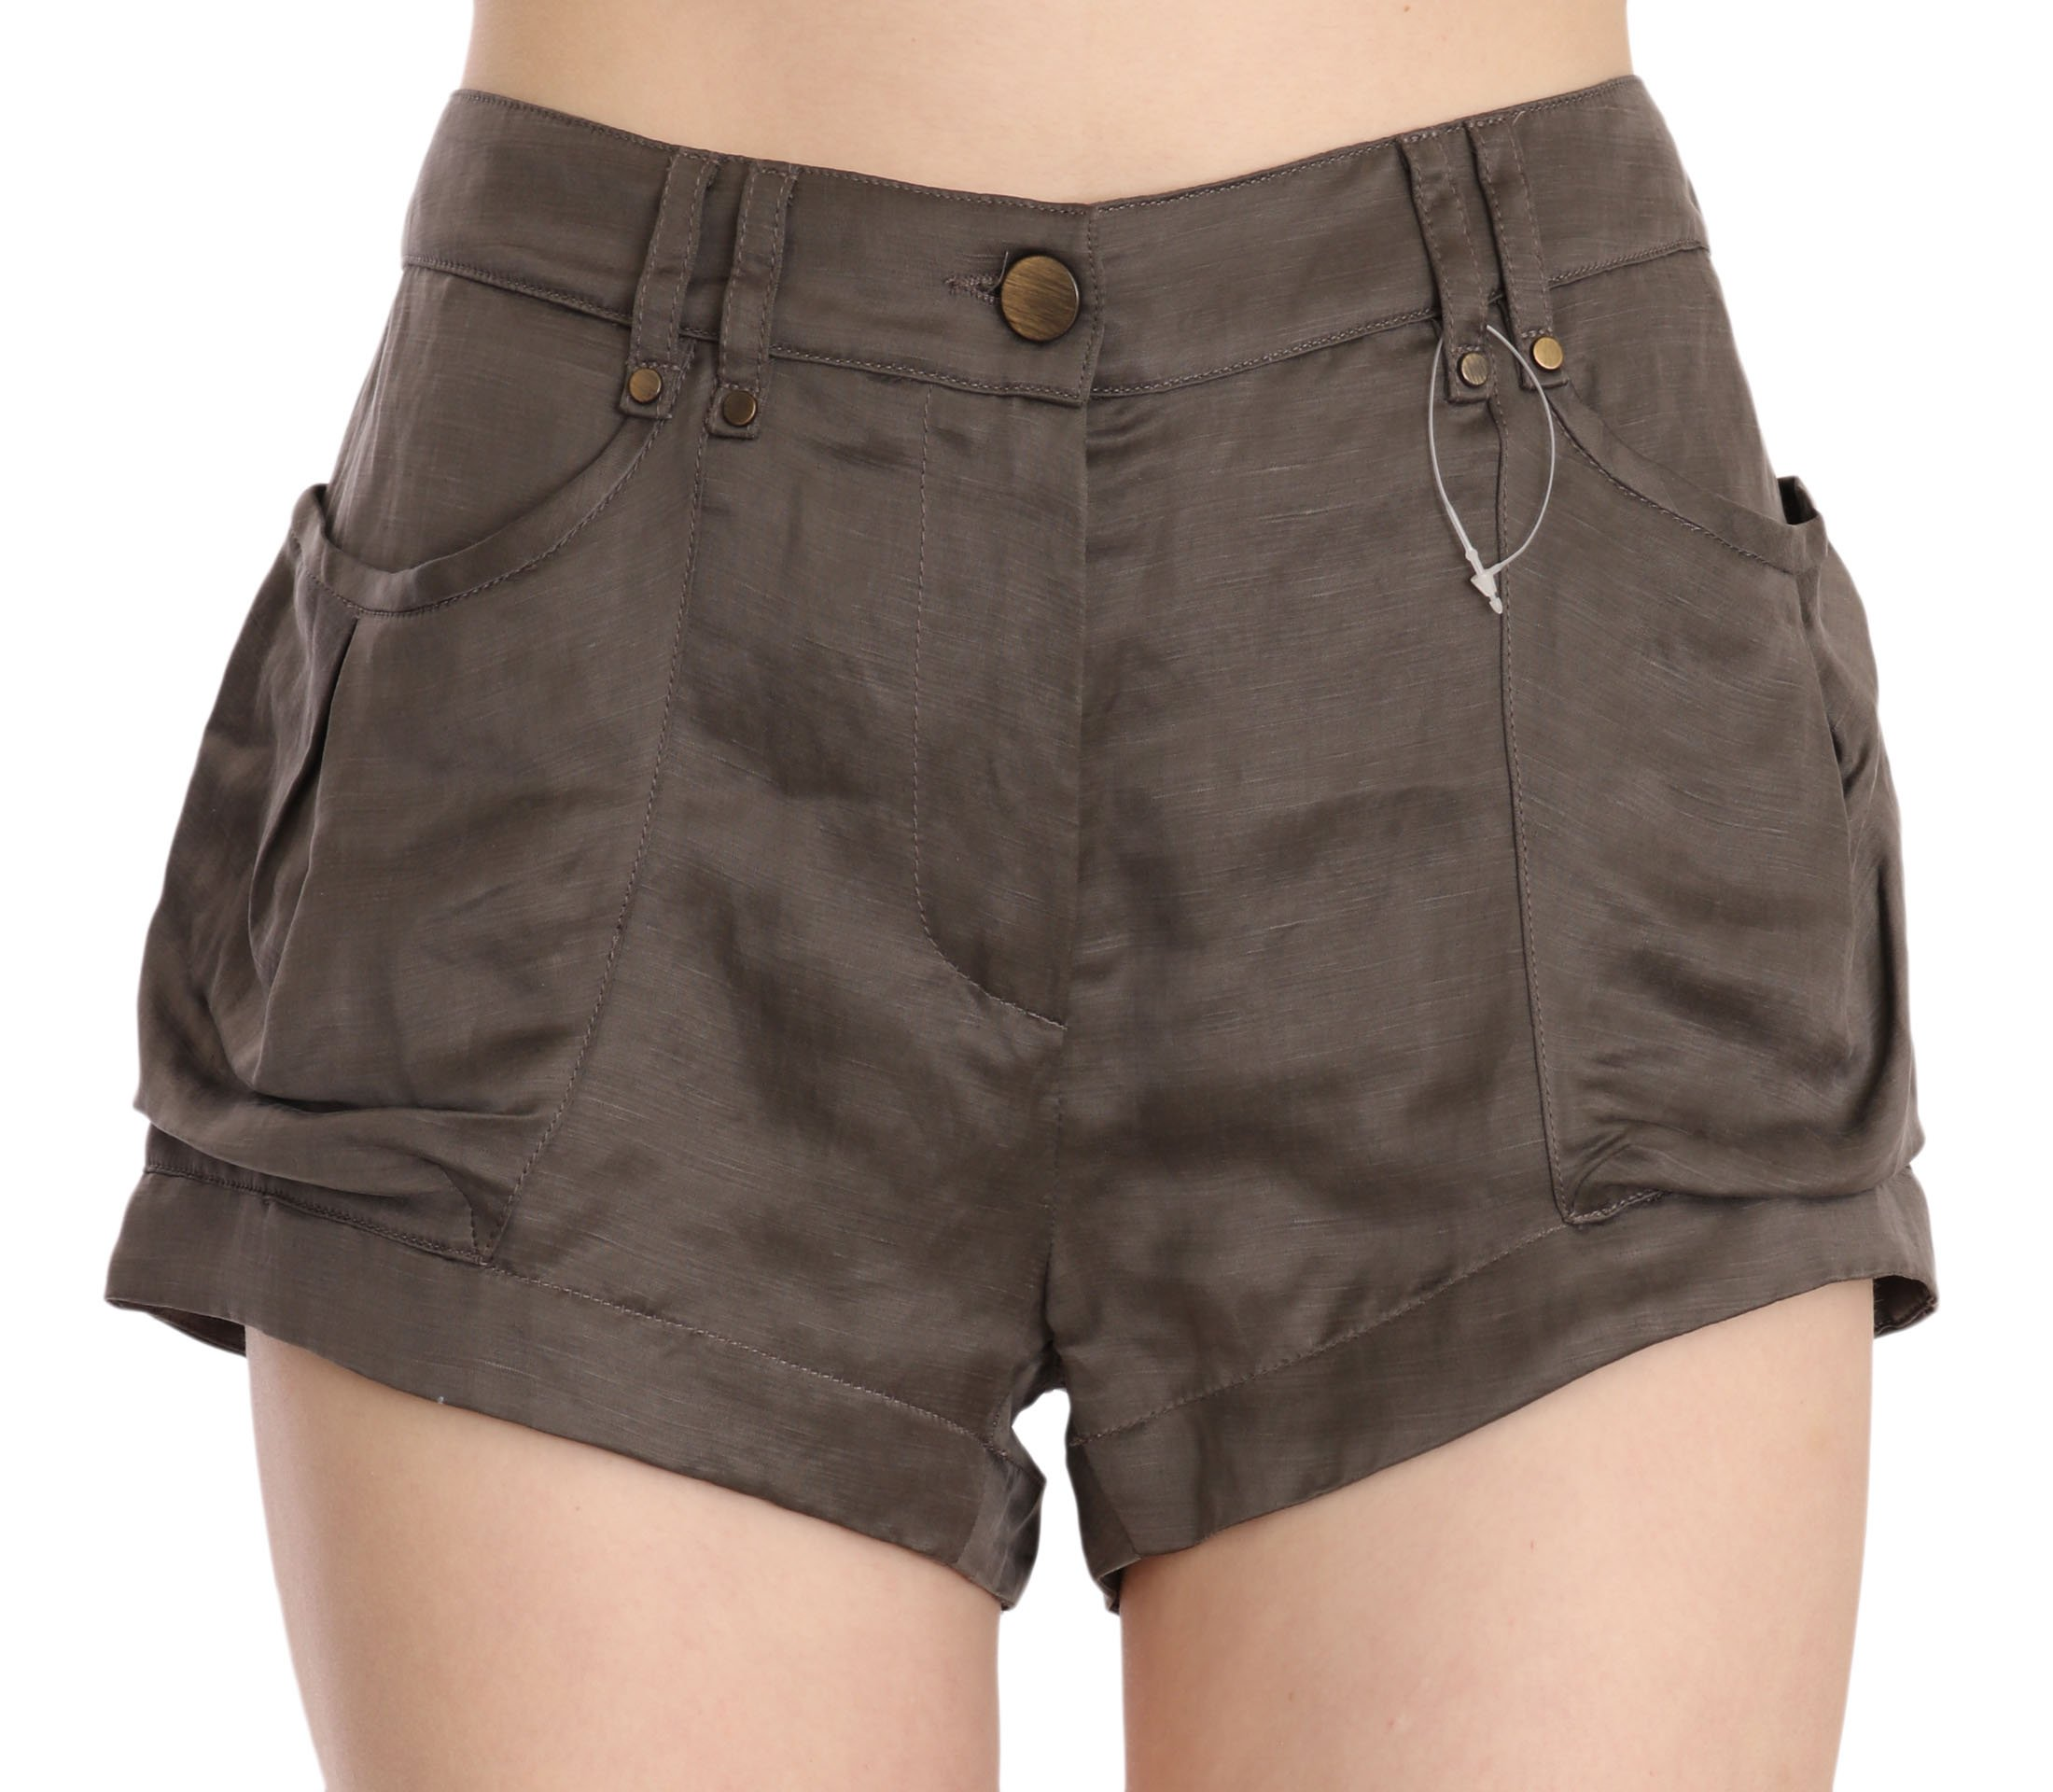 PLEIN SUD Women's Mid Waist Linen Micro Mini Shorts Brown - IT40|S